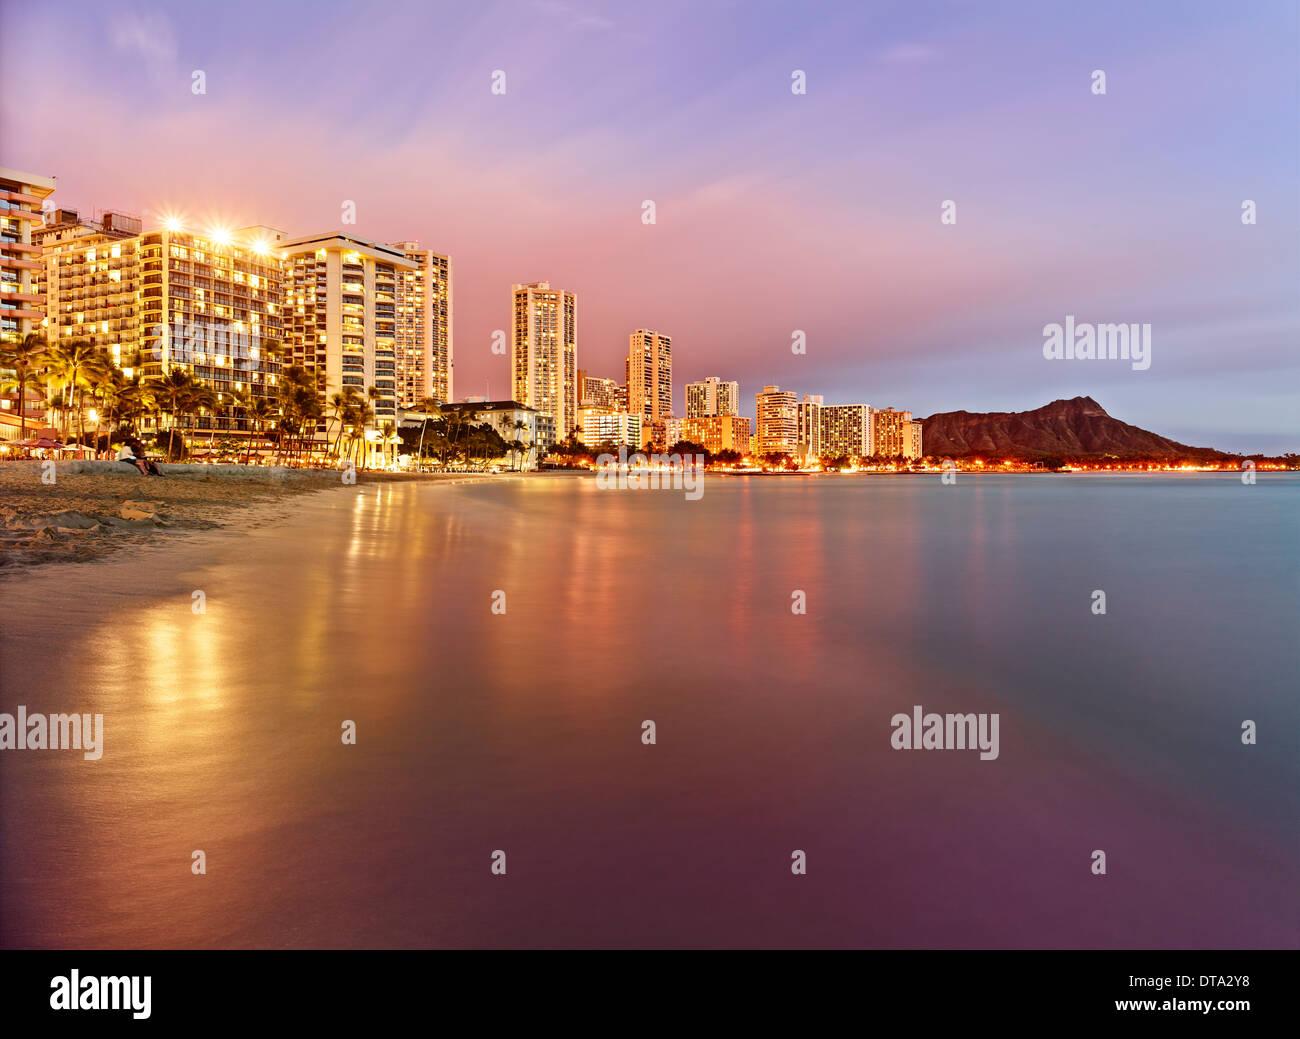 Waikiki Beach at dusk, Honolulu, Oahu, Hawaii, USA - Stock Image